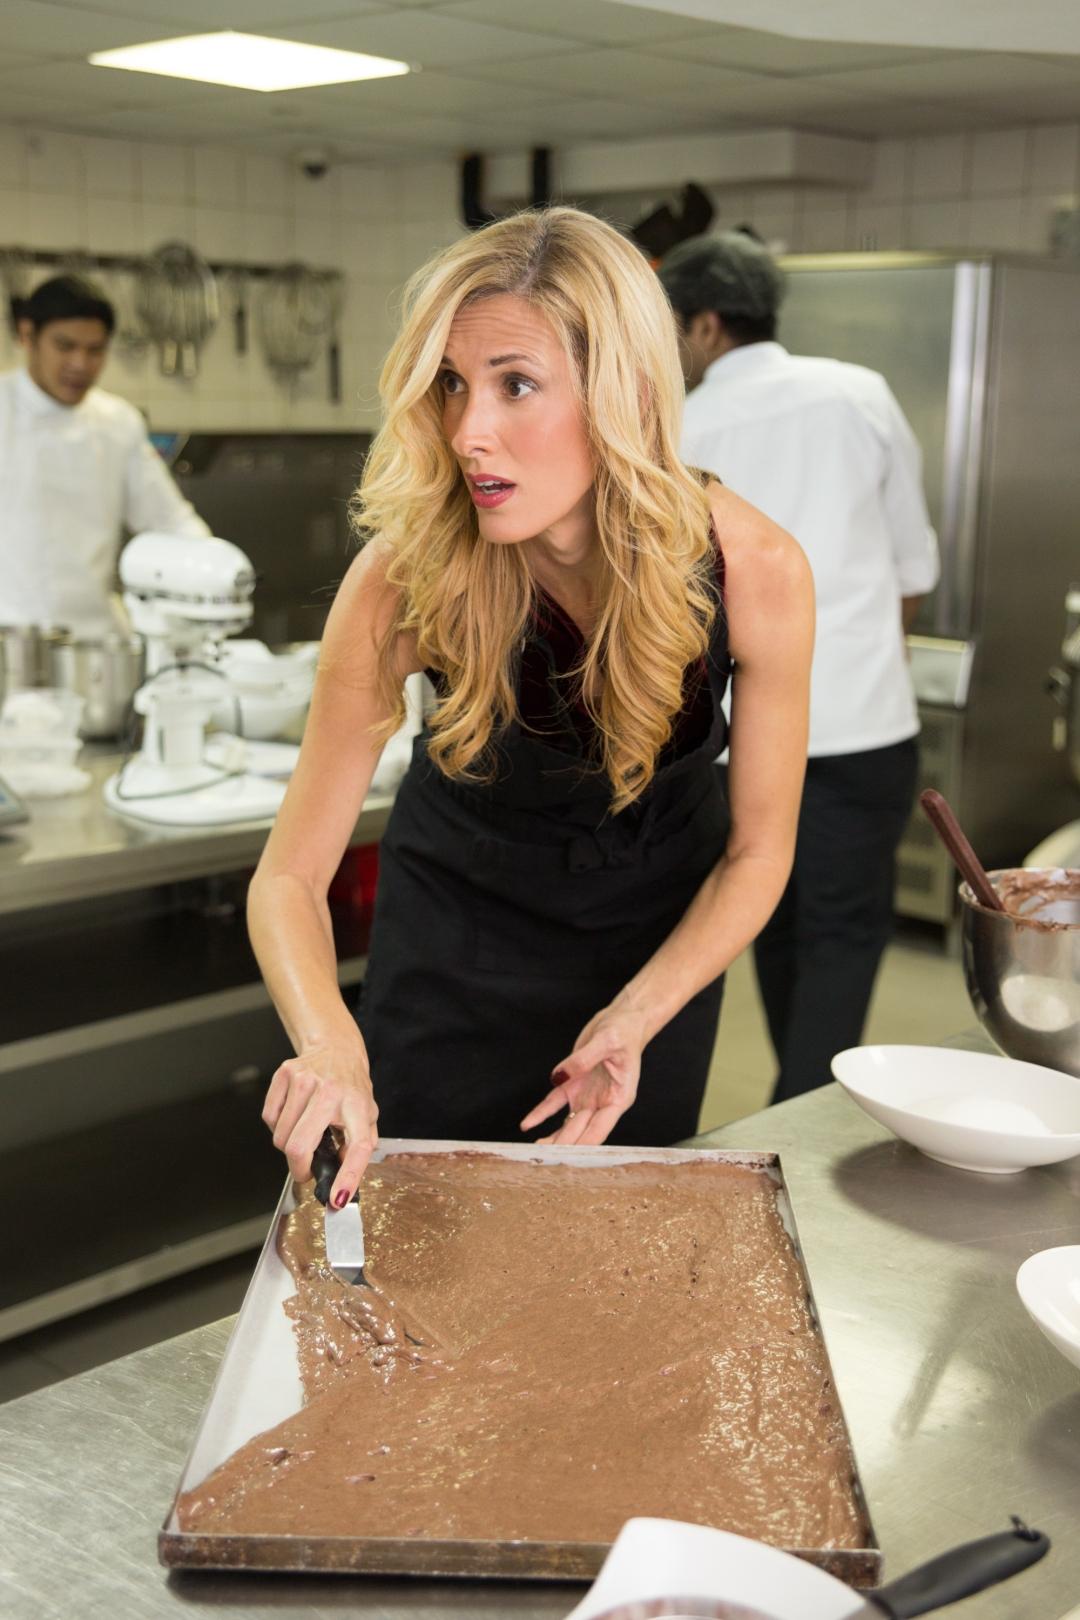 12-galleries-lafayette-buche-de-noel-chocolate-sponge-cake-mix